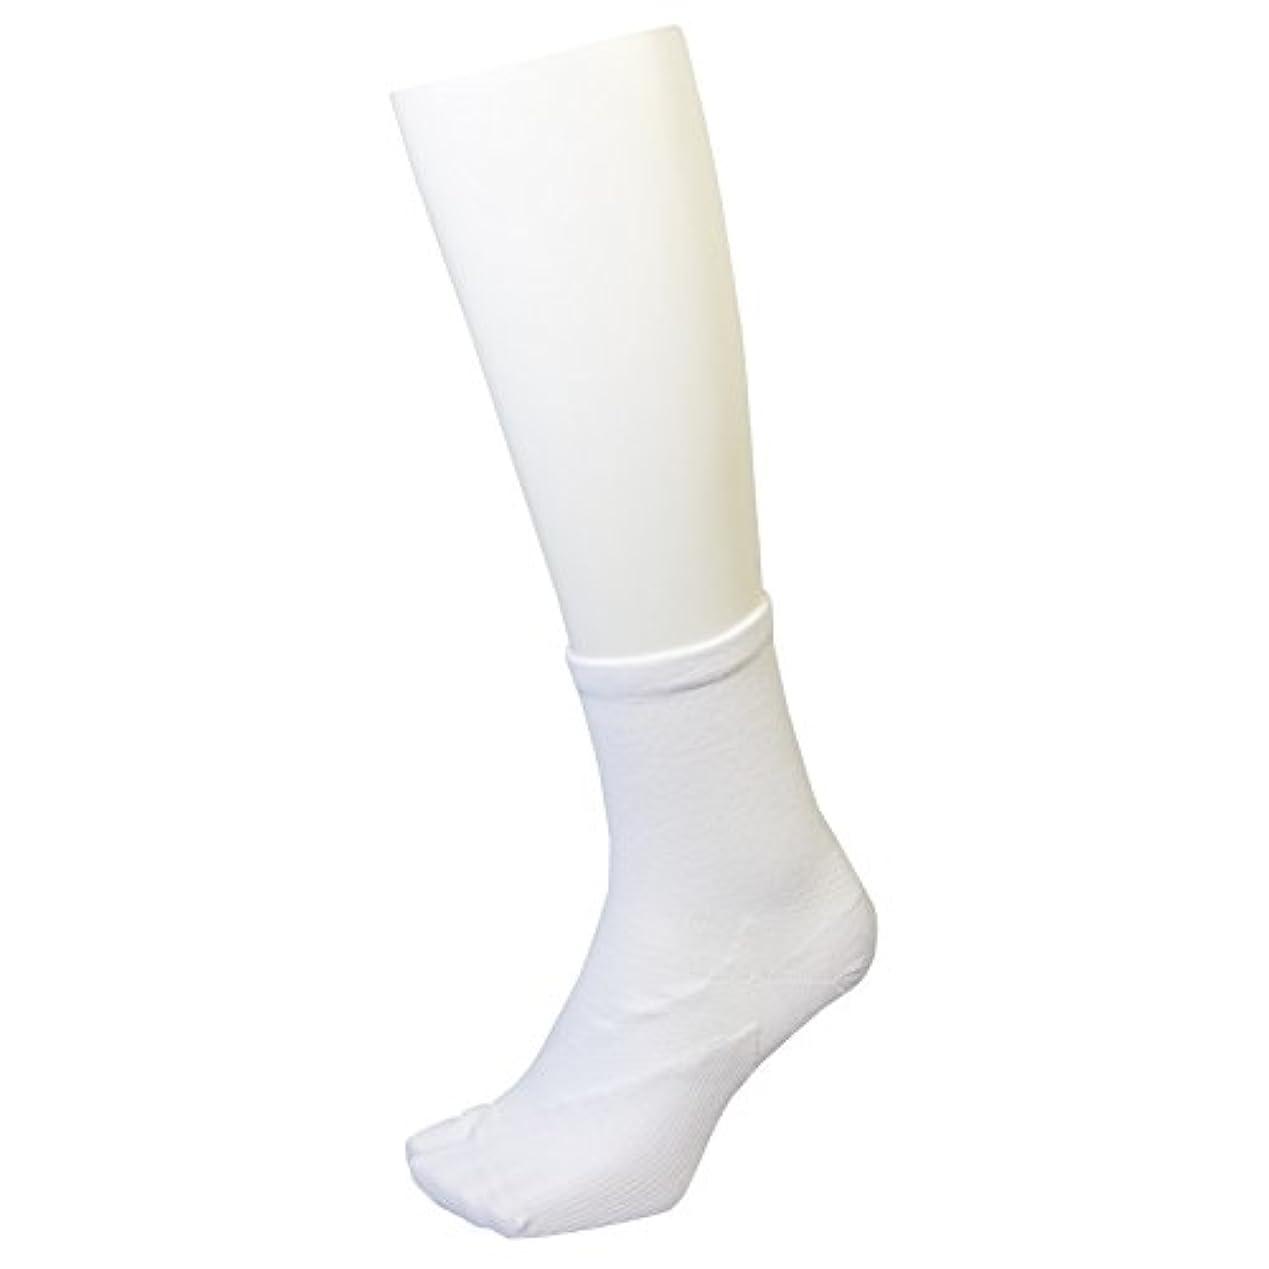 甘味パドル立場さとう式 フレクサーソックス クルー 白 (L) 足袋型